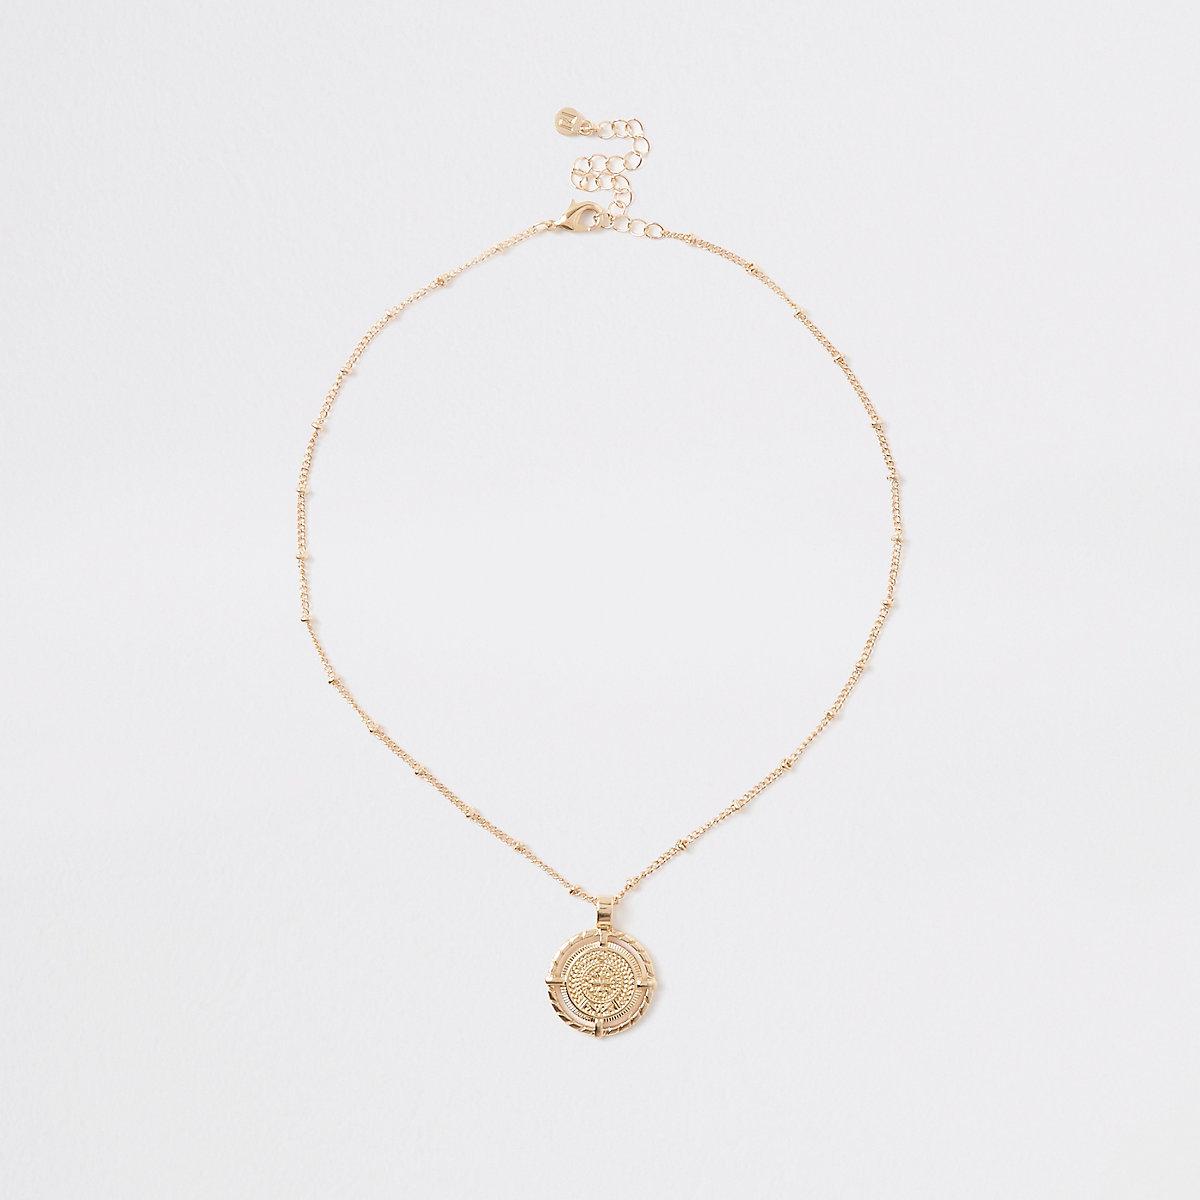 Gold color medallion pendant necklace